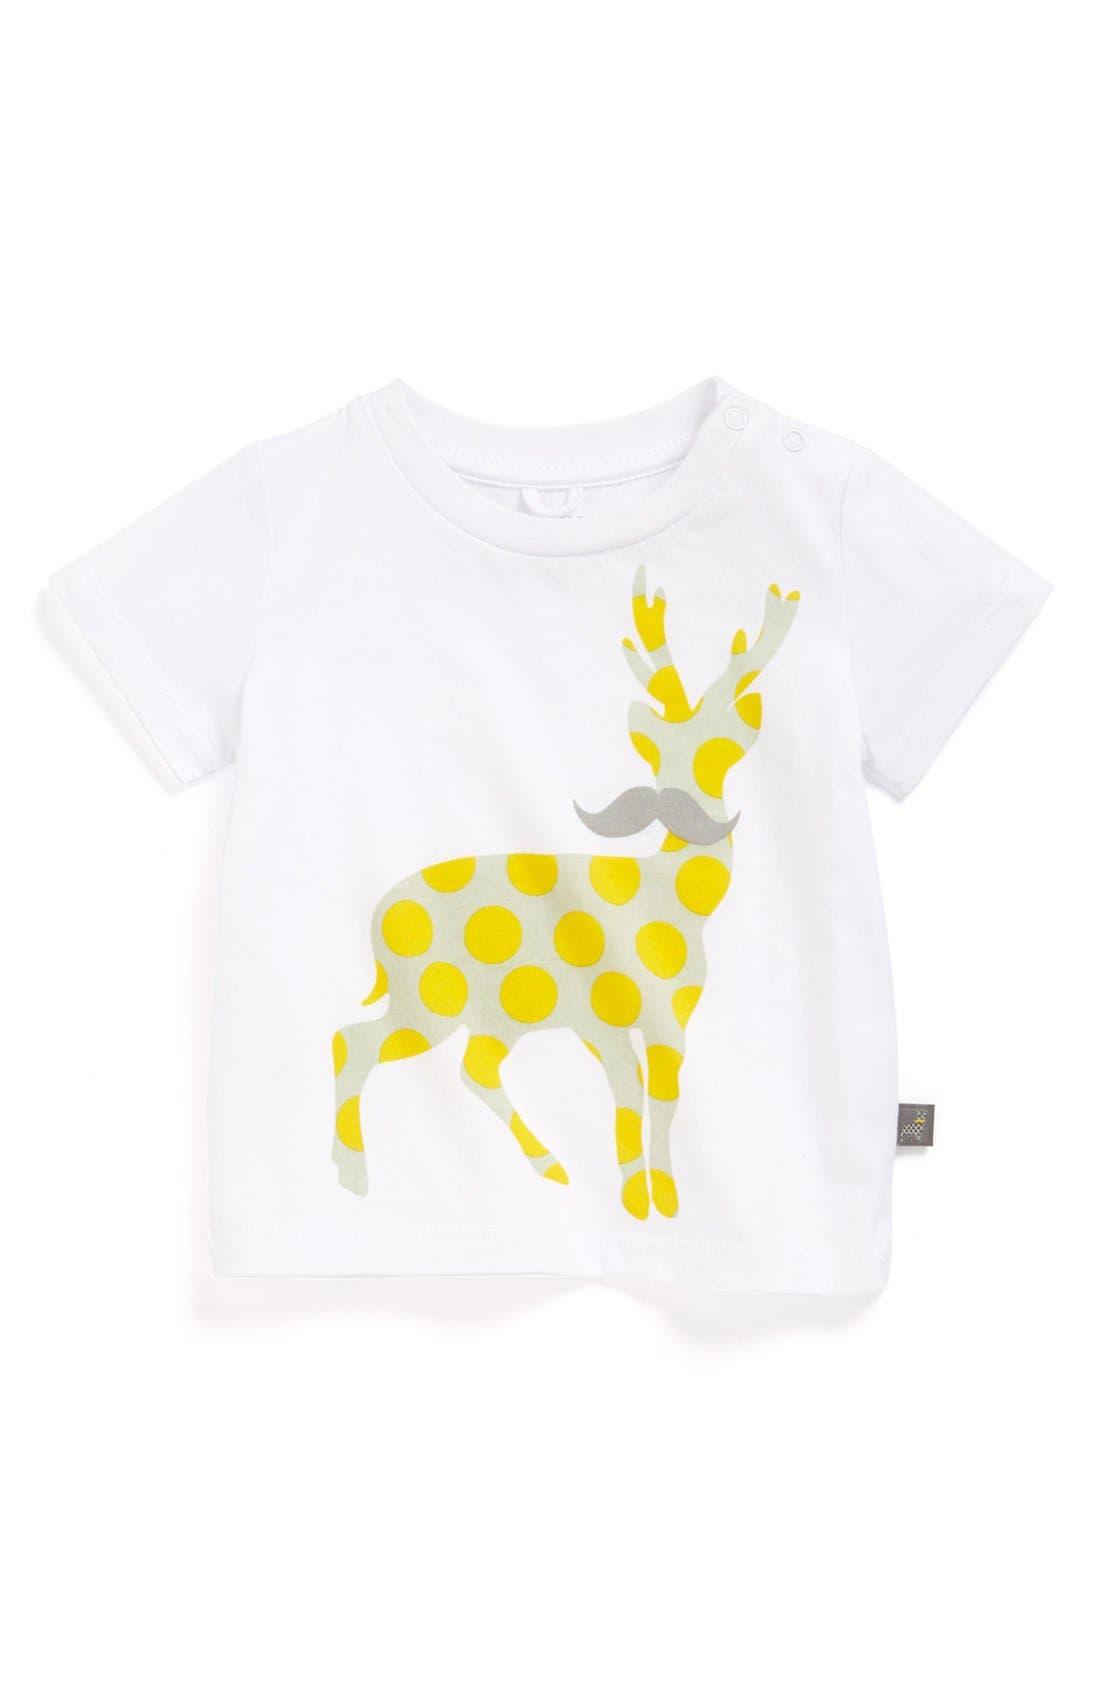 Main Image - Stella McCartney Kids 'Chuckle Deer' Tee (Baby)